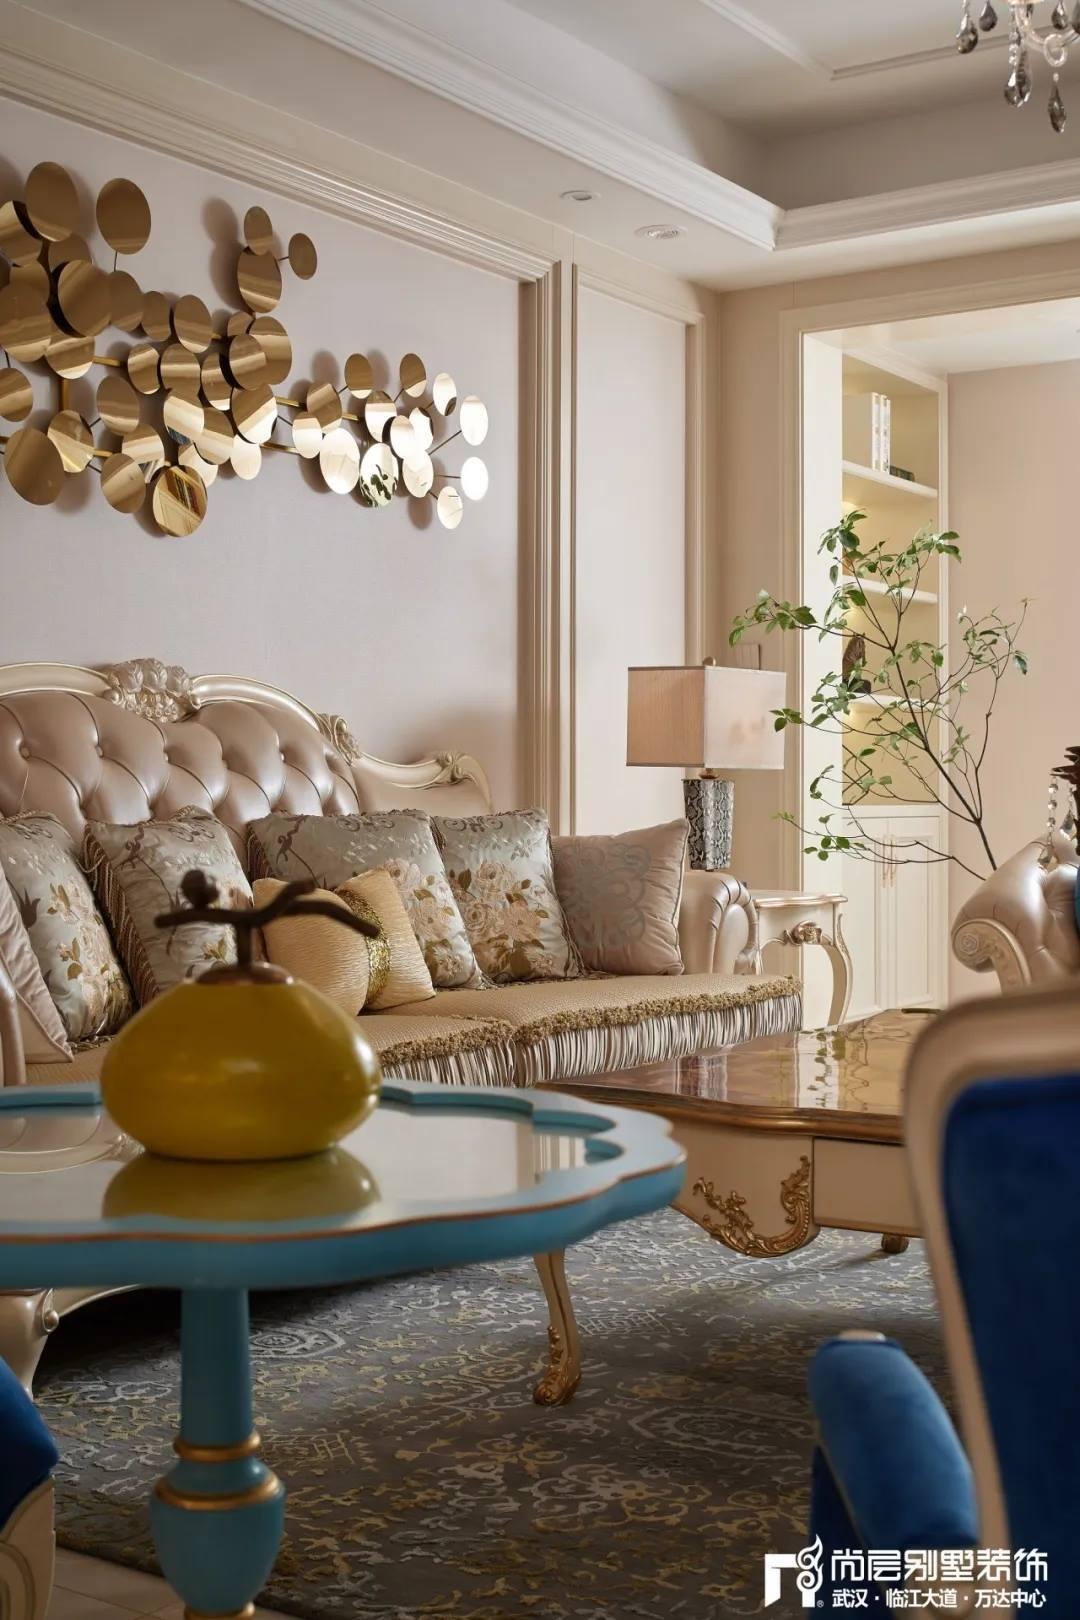 尚层别墅装修轻奢法式风客厅装饰条设计